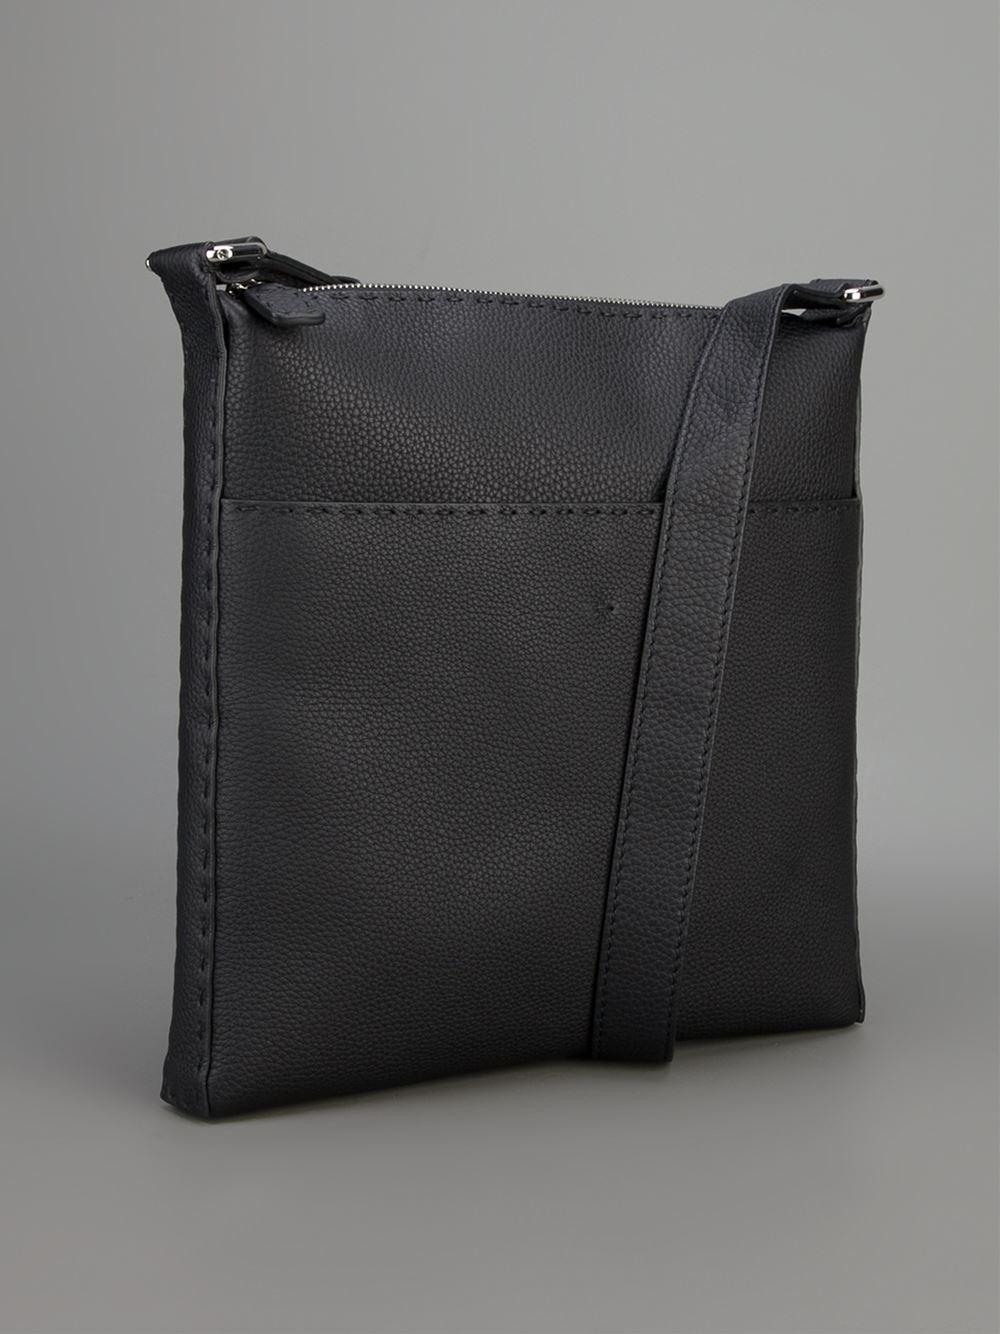 9ee6f4c57d5c Lyst - Fendi Selleria Cross Body Bag in Black for Men